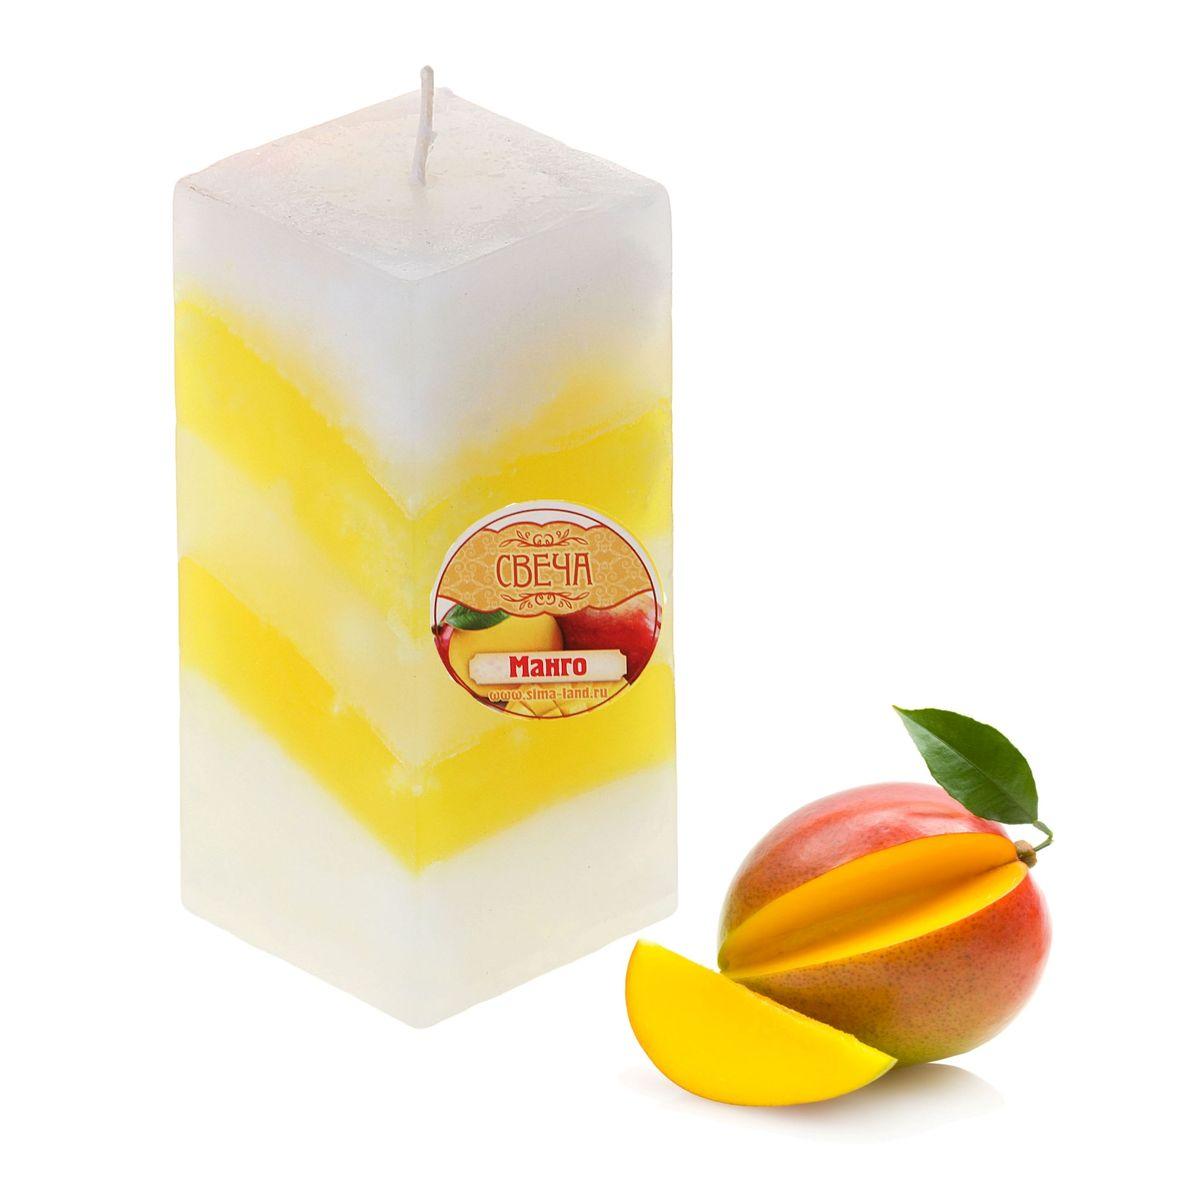 Свеча ароматизированная Sima-land Манго, высота 10 см. 849583 свеча ароматизированная sima land лимон на подставке высота 6 см